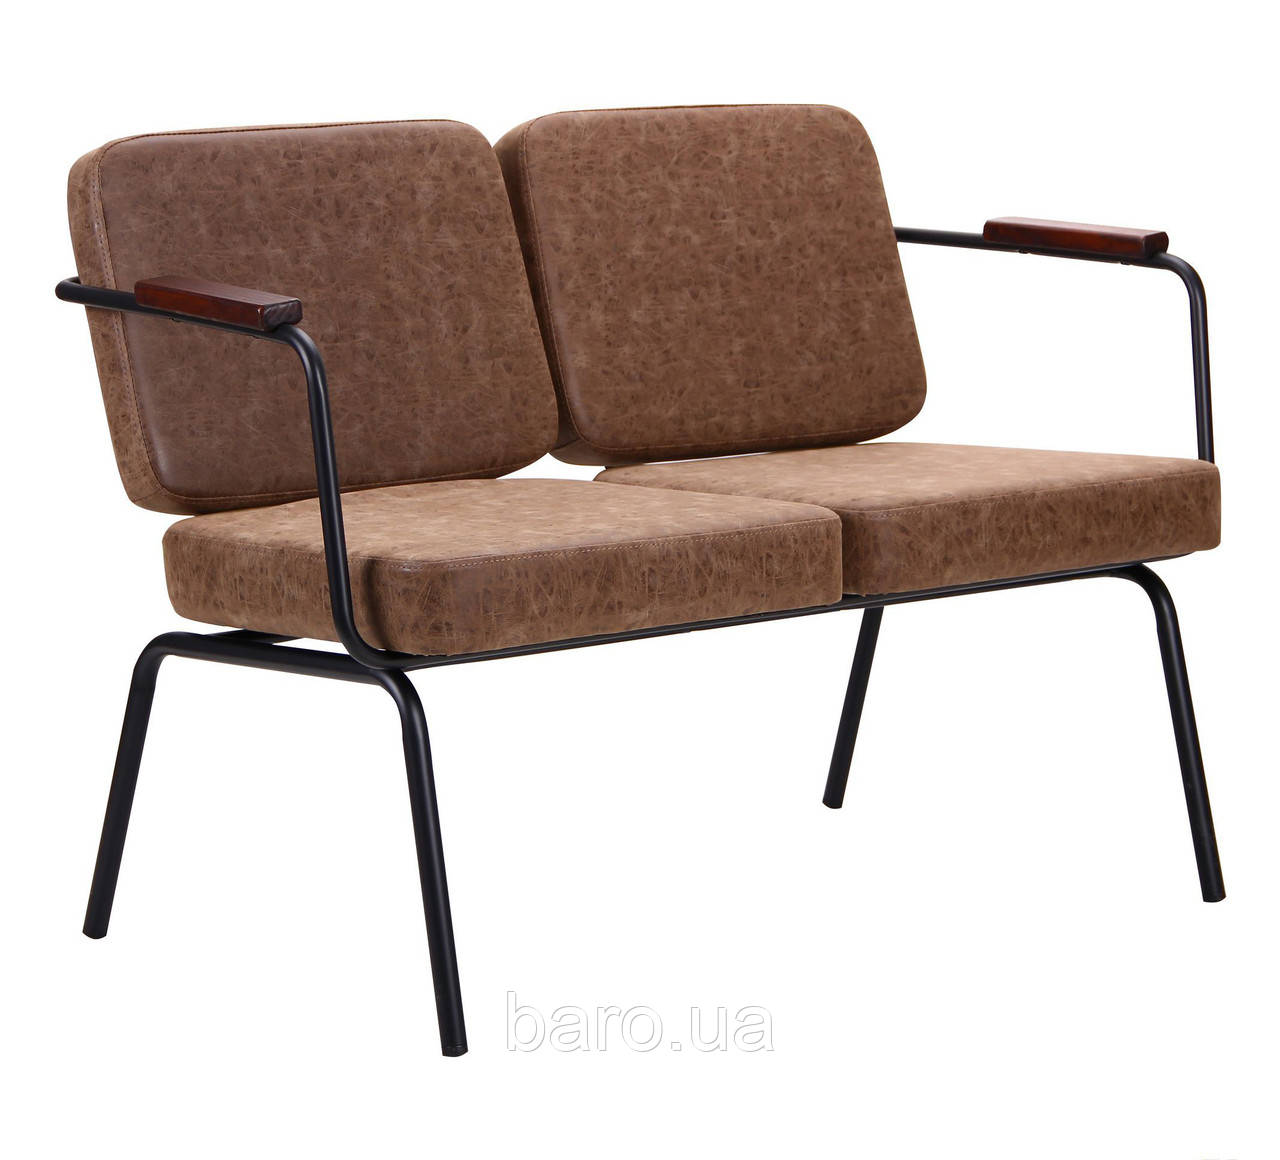 Кресло Utwo черный / лунго